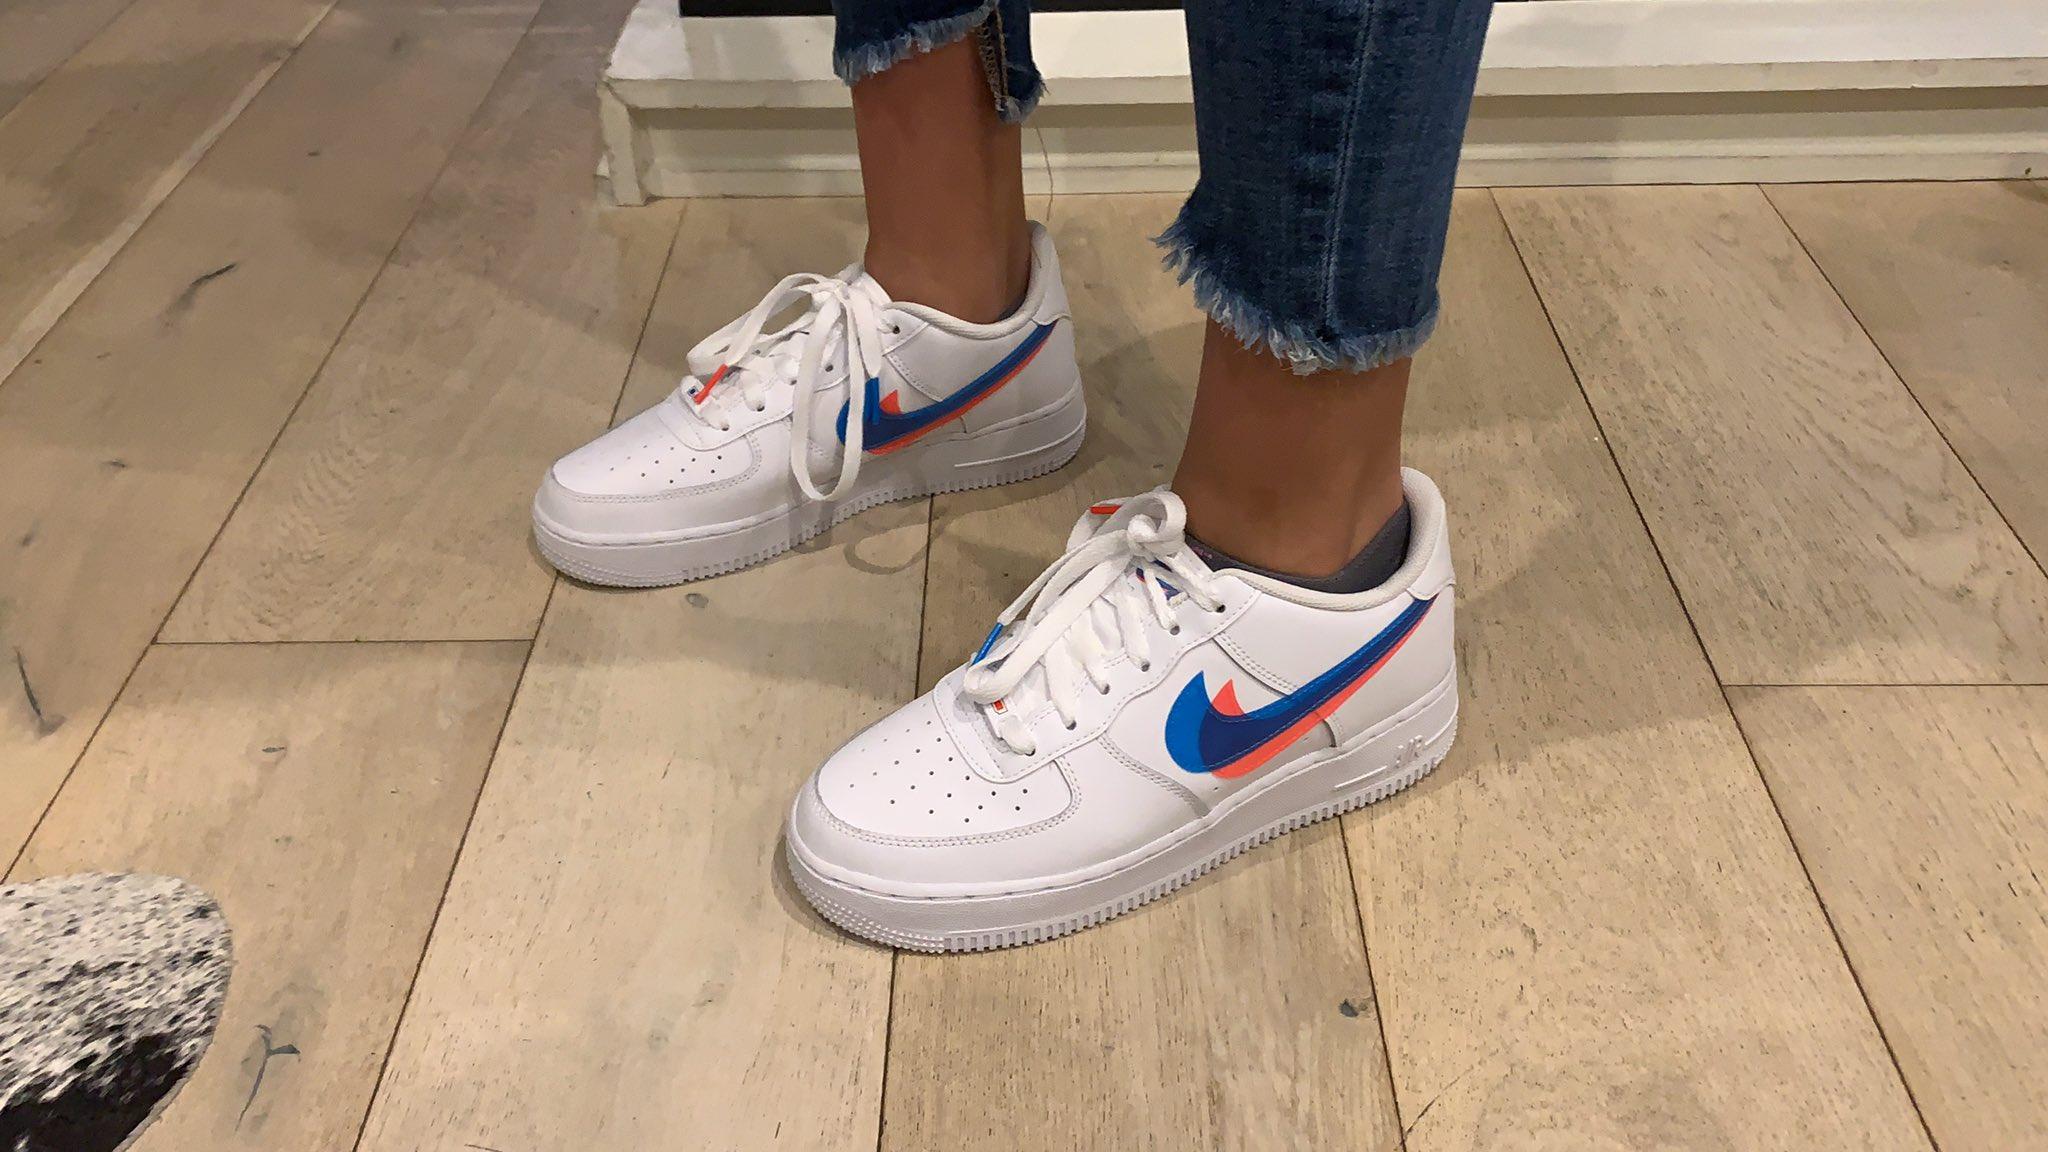 Nike za niedługo zaprezentuje nowe buty. Asystentka Siri